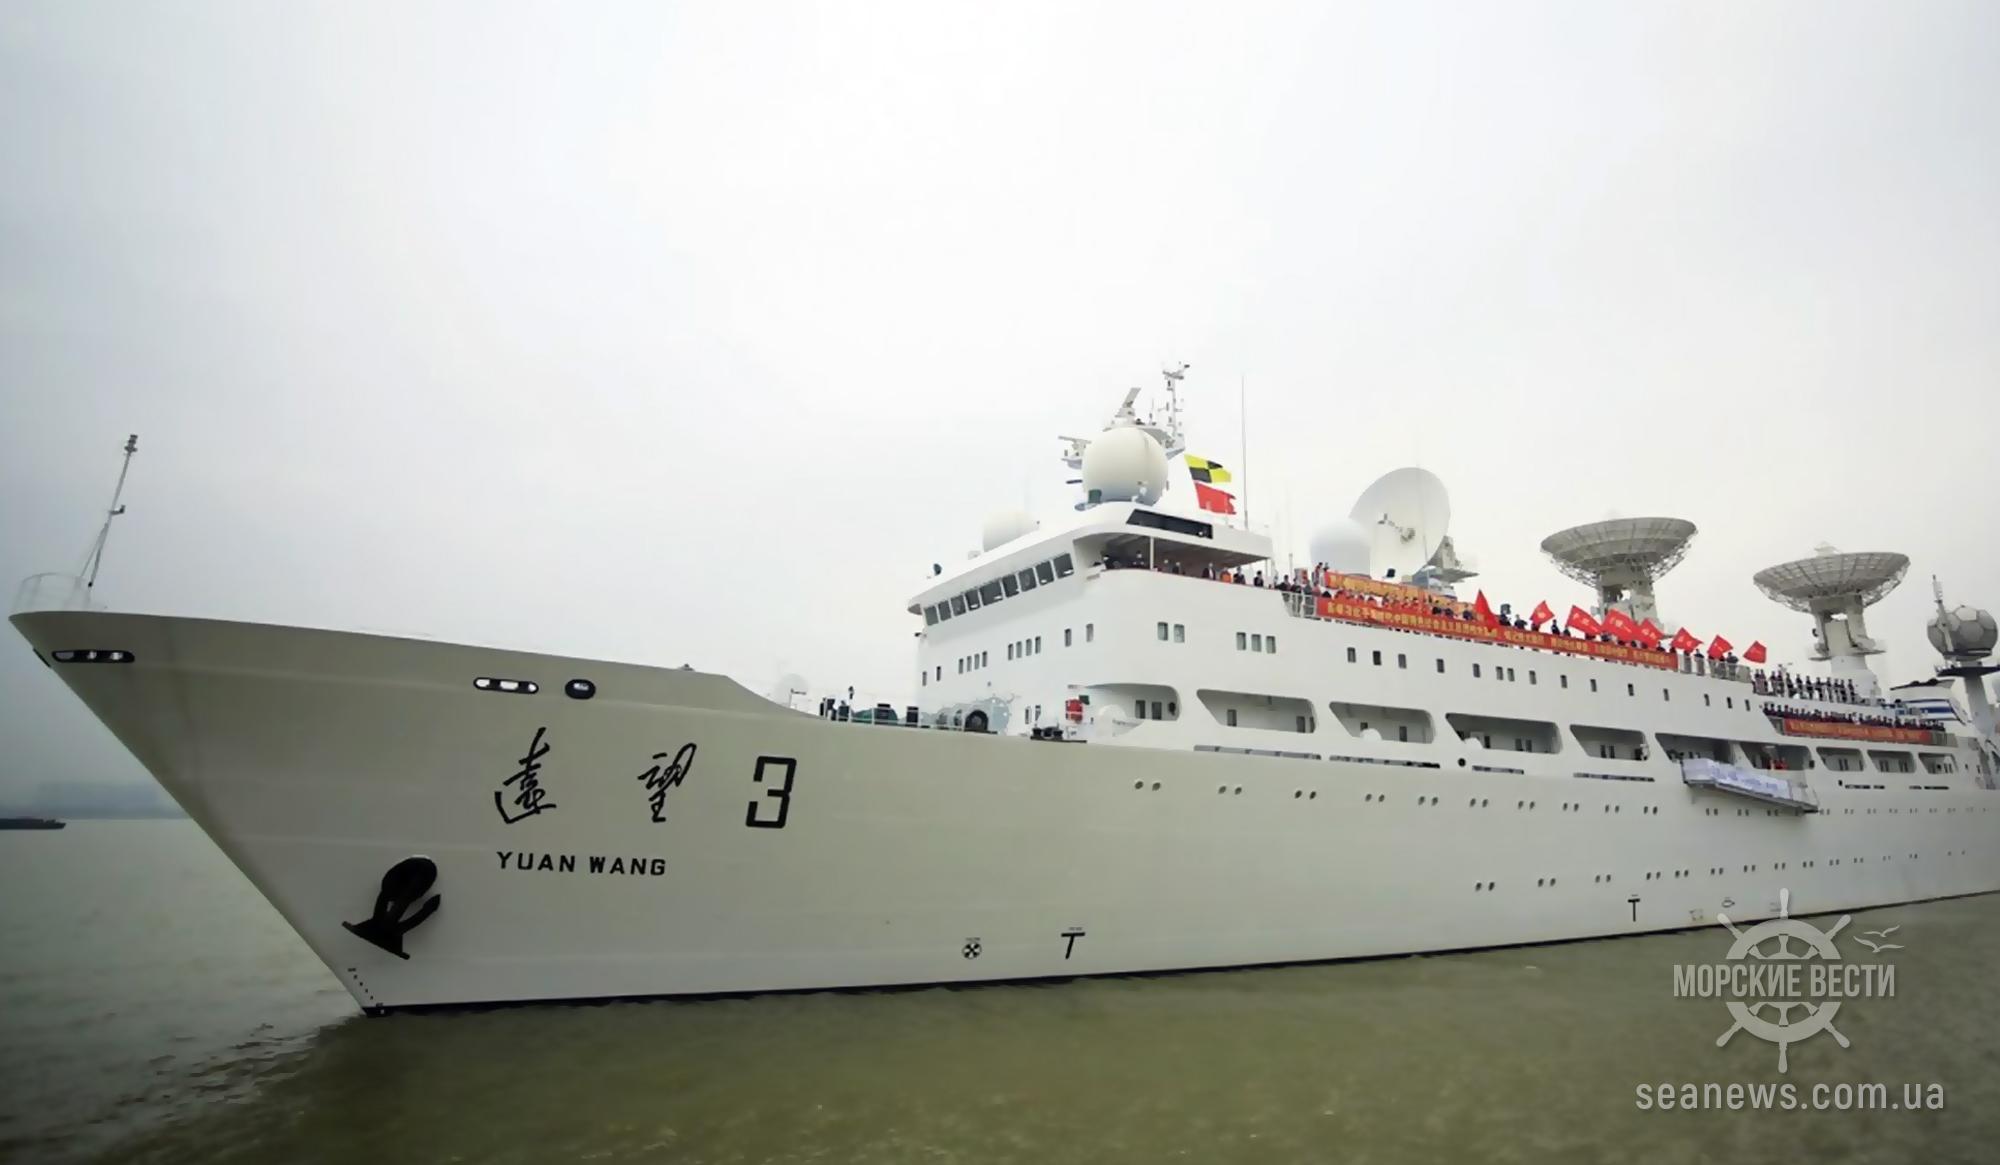 Китайское судно слежения за космическими полетами отправилось в Тихий океан